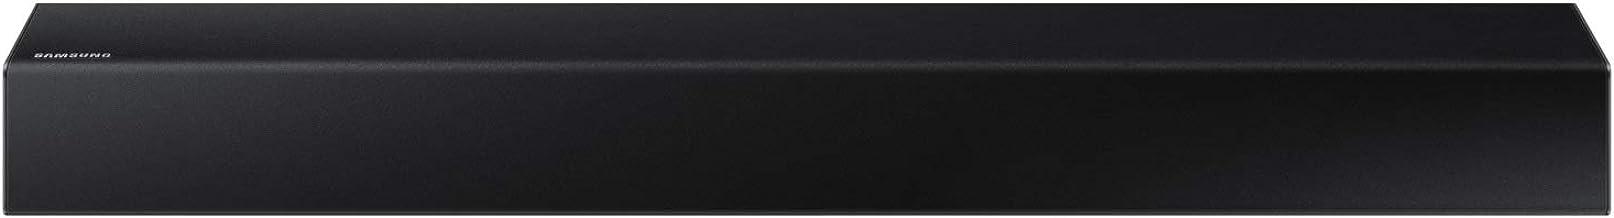 Samsung HW-N300 Altavoz soundbar 2.0 Canales Negro Inalámbrico y alámbrico - Barra de Sonido (2.0 Canales, DTS Digital Surround,Dolby Digital, Inalámbrico y alámbrico, 15 W, 0,45 W, 641 mm)